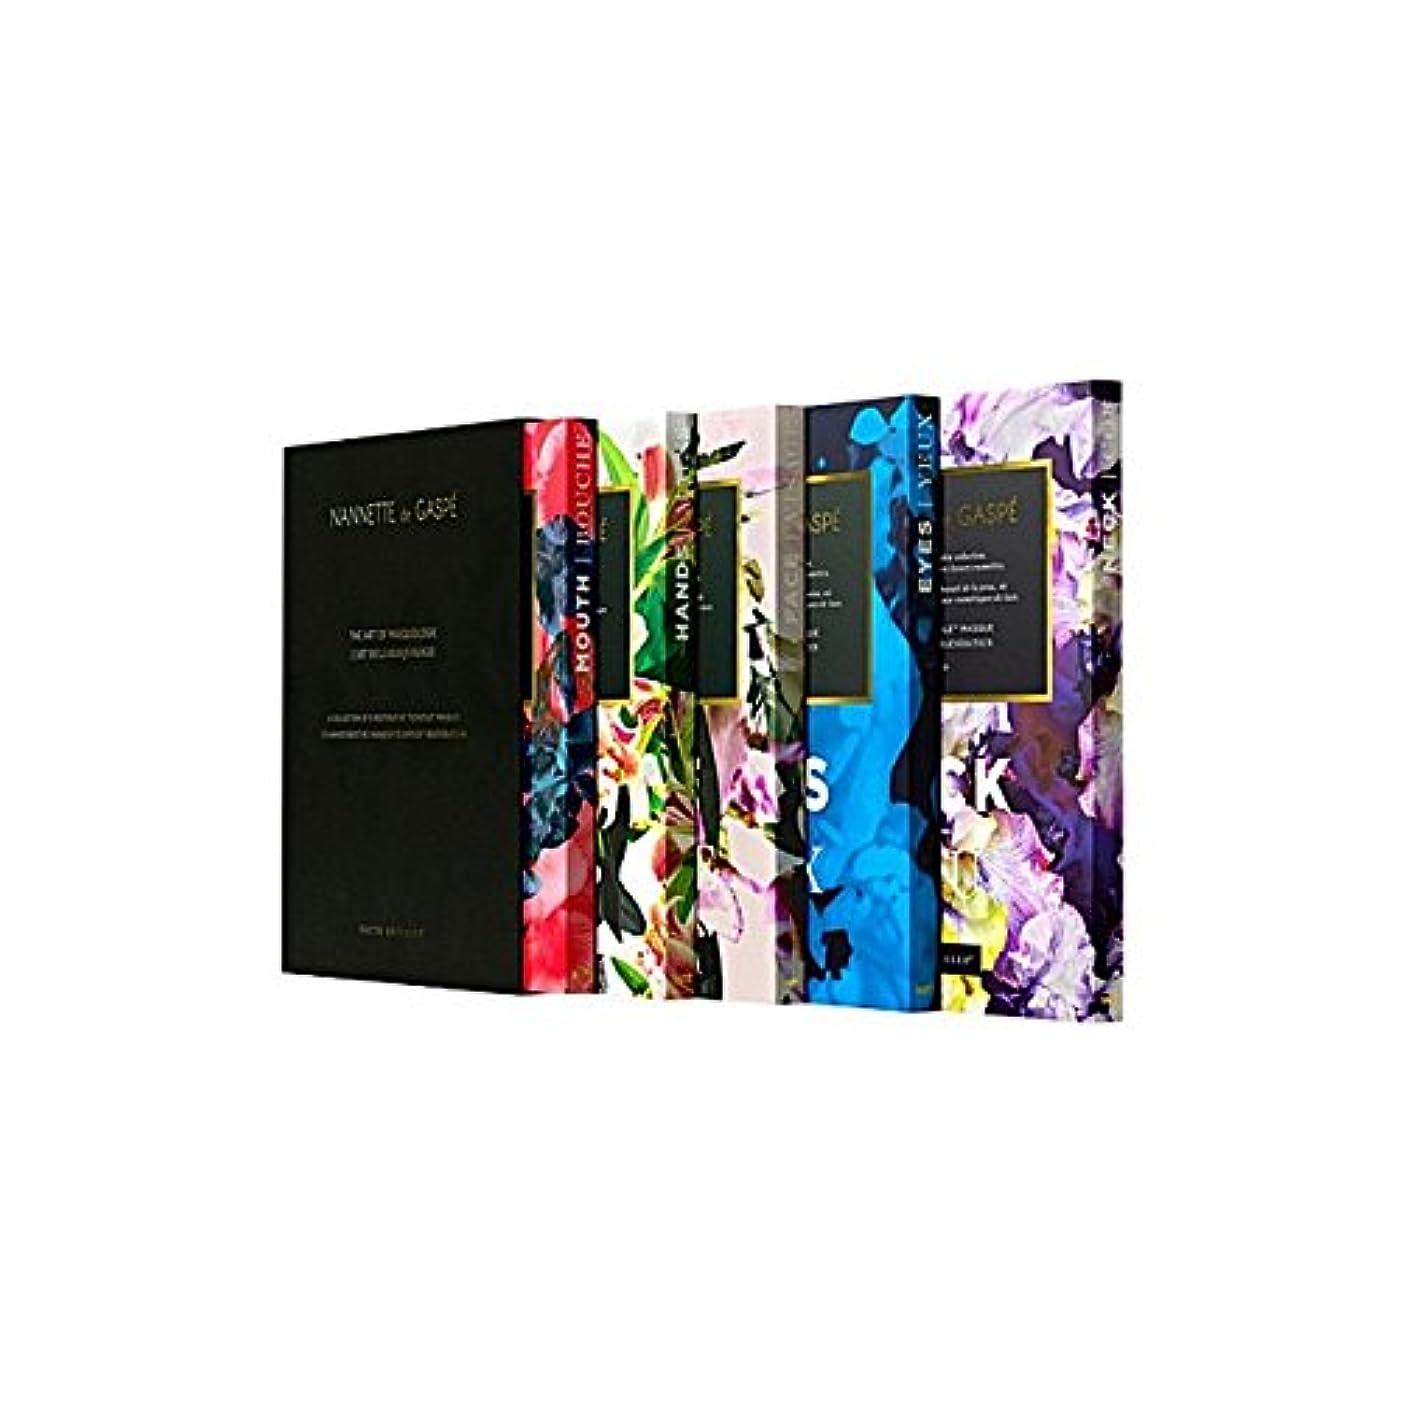 クラックポットハッピー堤防デガスペ修復仮面劇コフレ x4 - Nannette De Gaspe Restorative Techstile Masque Coffret (Pack of 4) [並行輸入品]